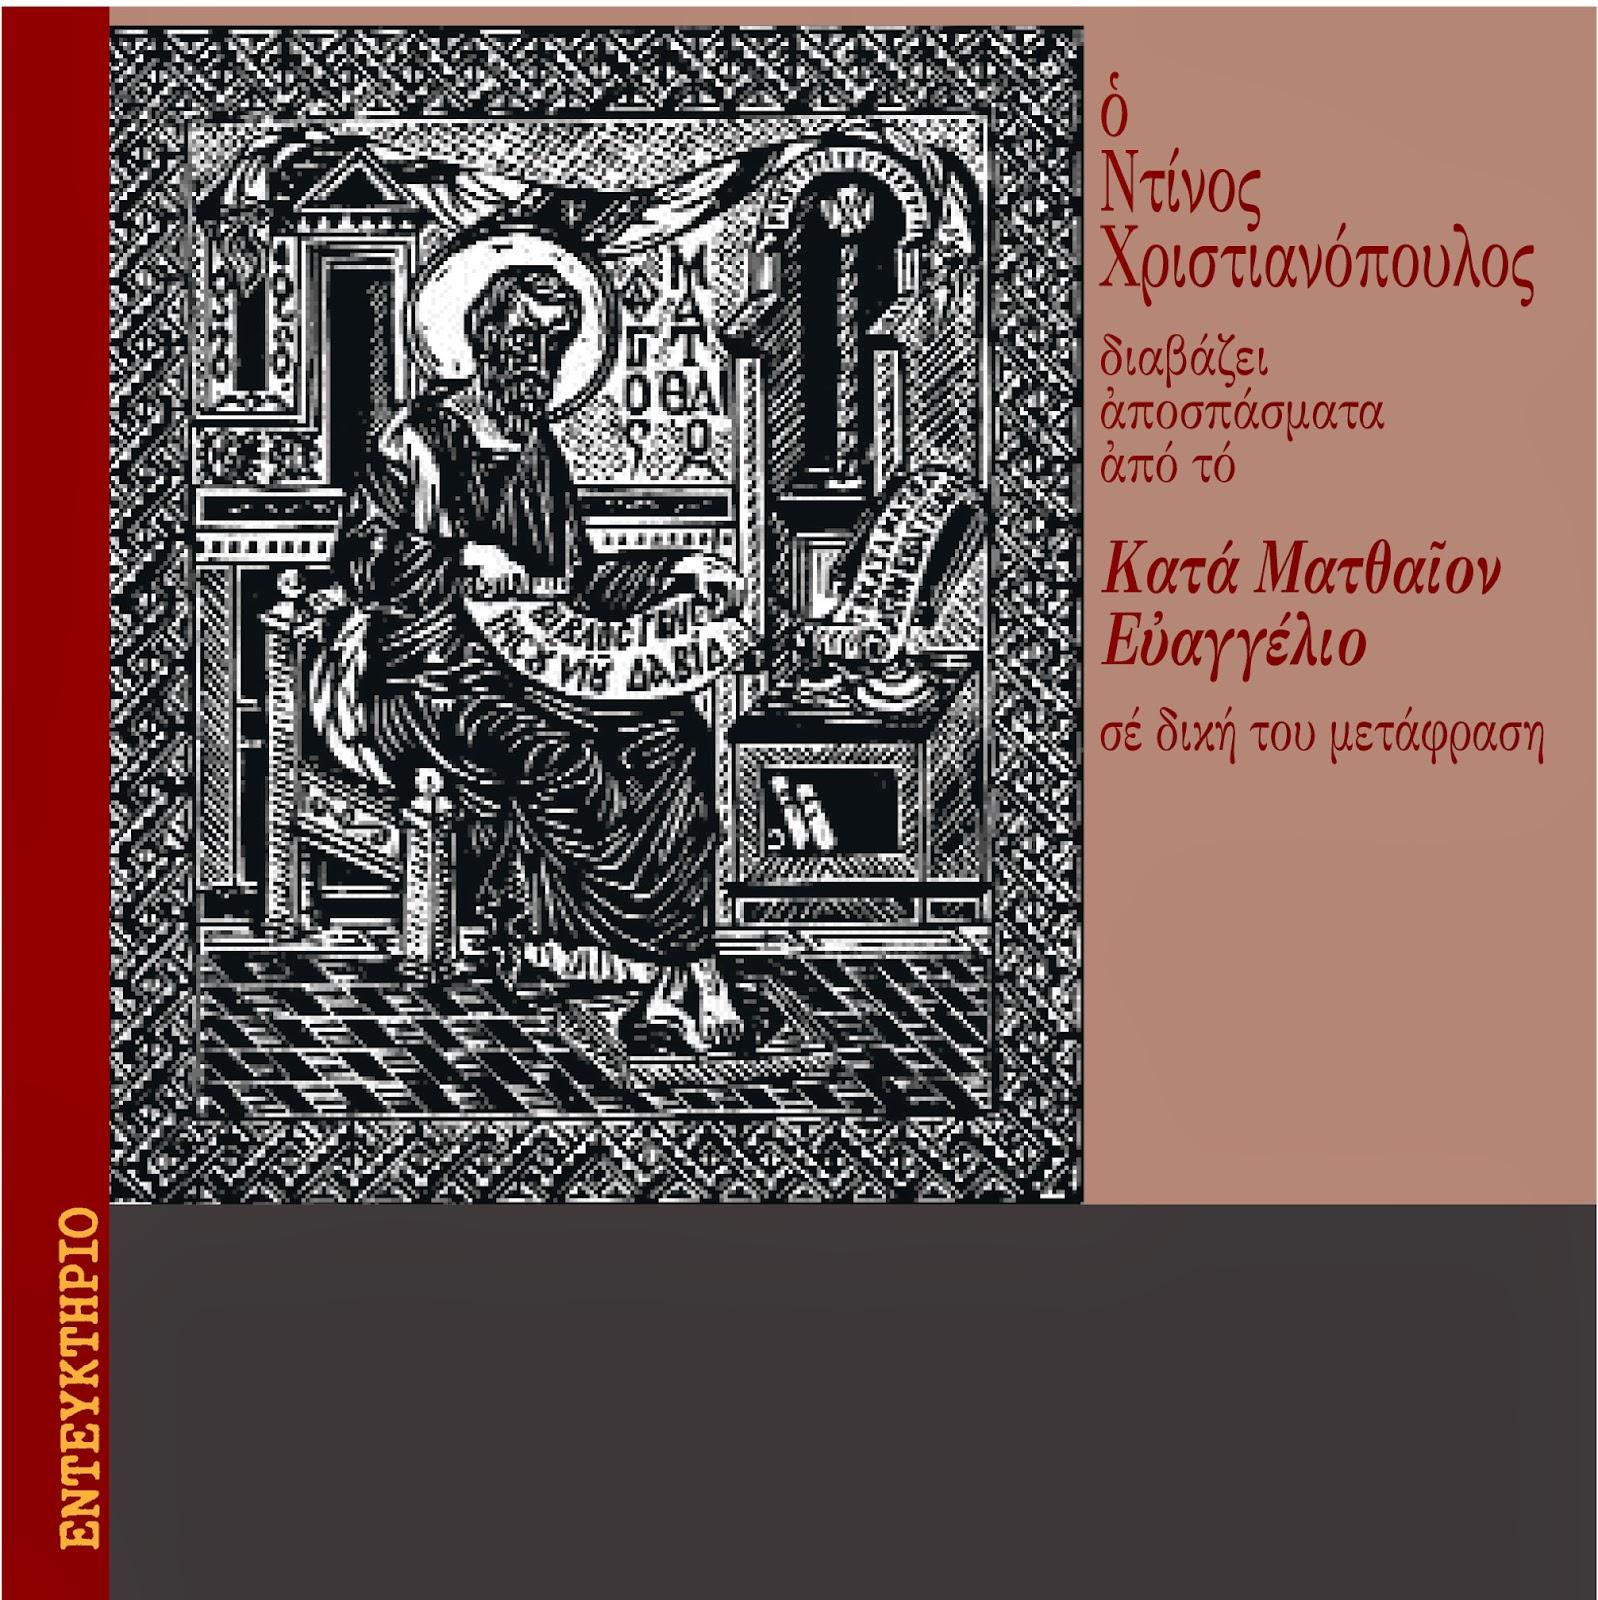 Ο Ντίνος Χριστιανόπουλος διαβάζει αποσπάσματα από το Κατά Ματθαίον Ευαγγέλιο